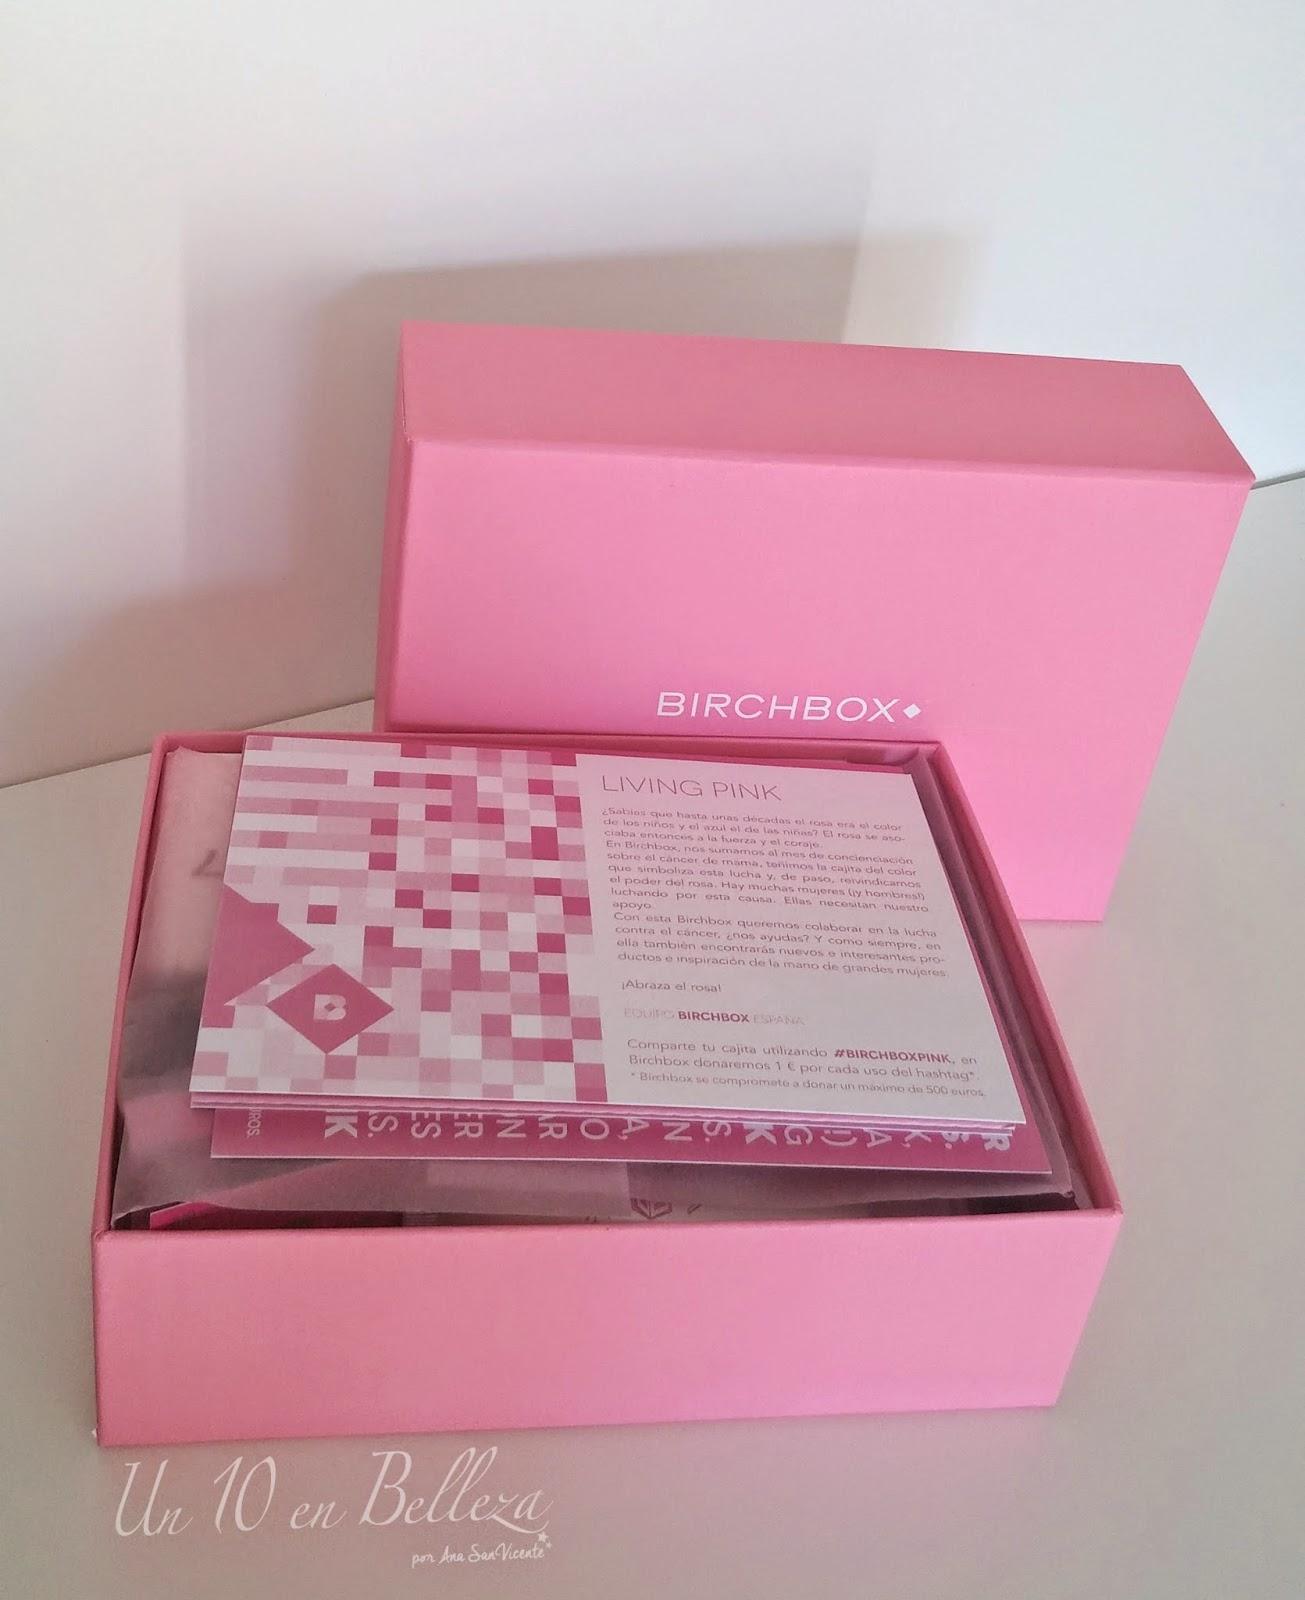 birchbox, caja de muestras, octubre 2014, living pink